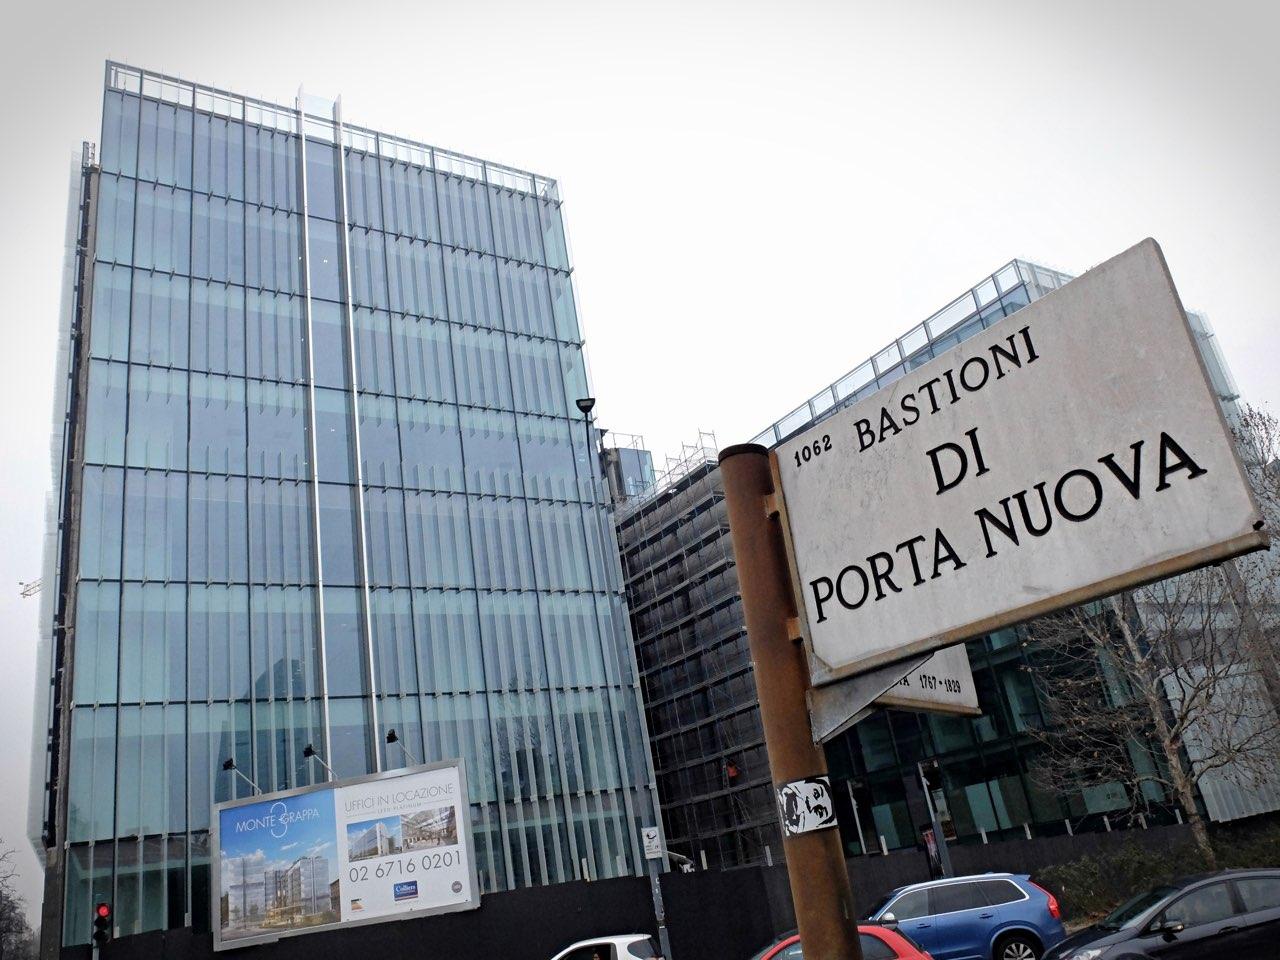 A porta nuova il futuristico quartier generale di amazon - Residenze di porta nuova ...